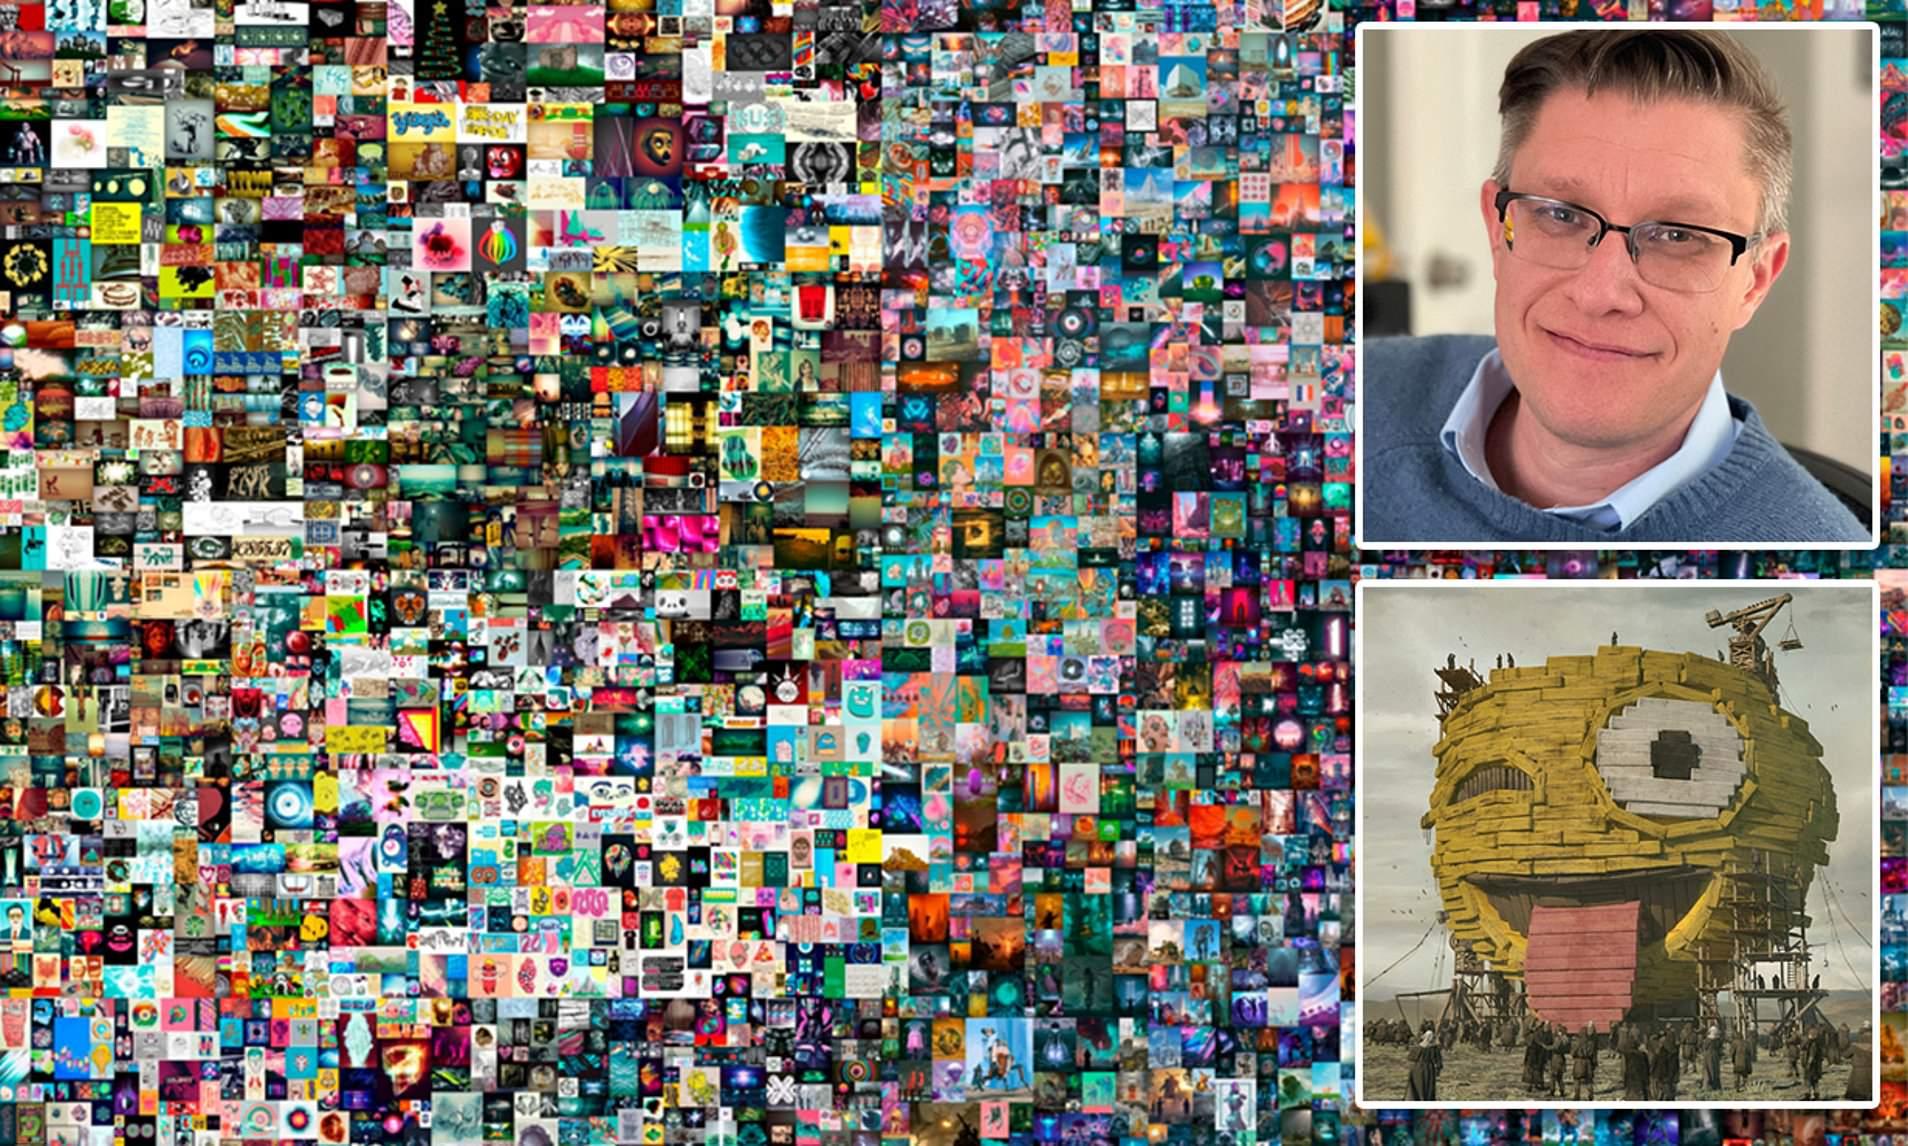 અમેરિકાના આર્ટિસ્ટ બીપલની તસવીરની ડિજિટલ JPG ફાઈલ 501 કરોડ રૂપિયામાં વેચાઈ, રાતોરાત અબજોપતિ બની ગયો|લાઇફસ્ટાઇલ,Lifestyle - Divya Bhaskar